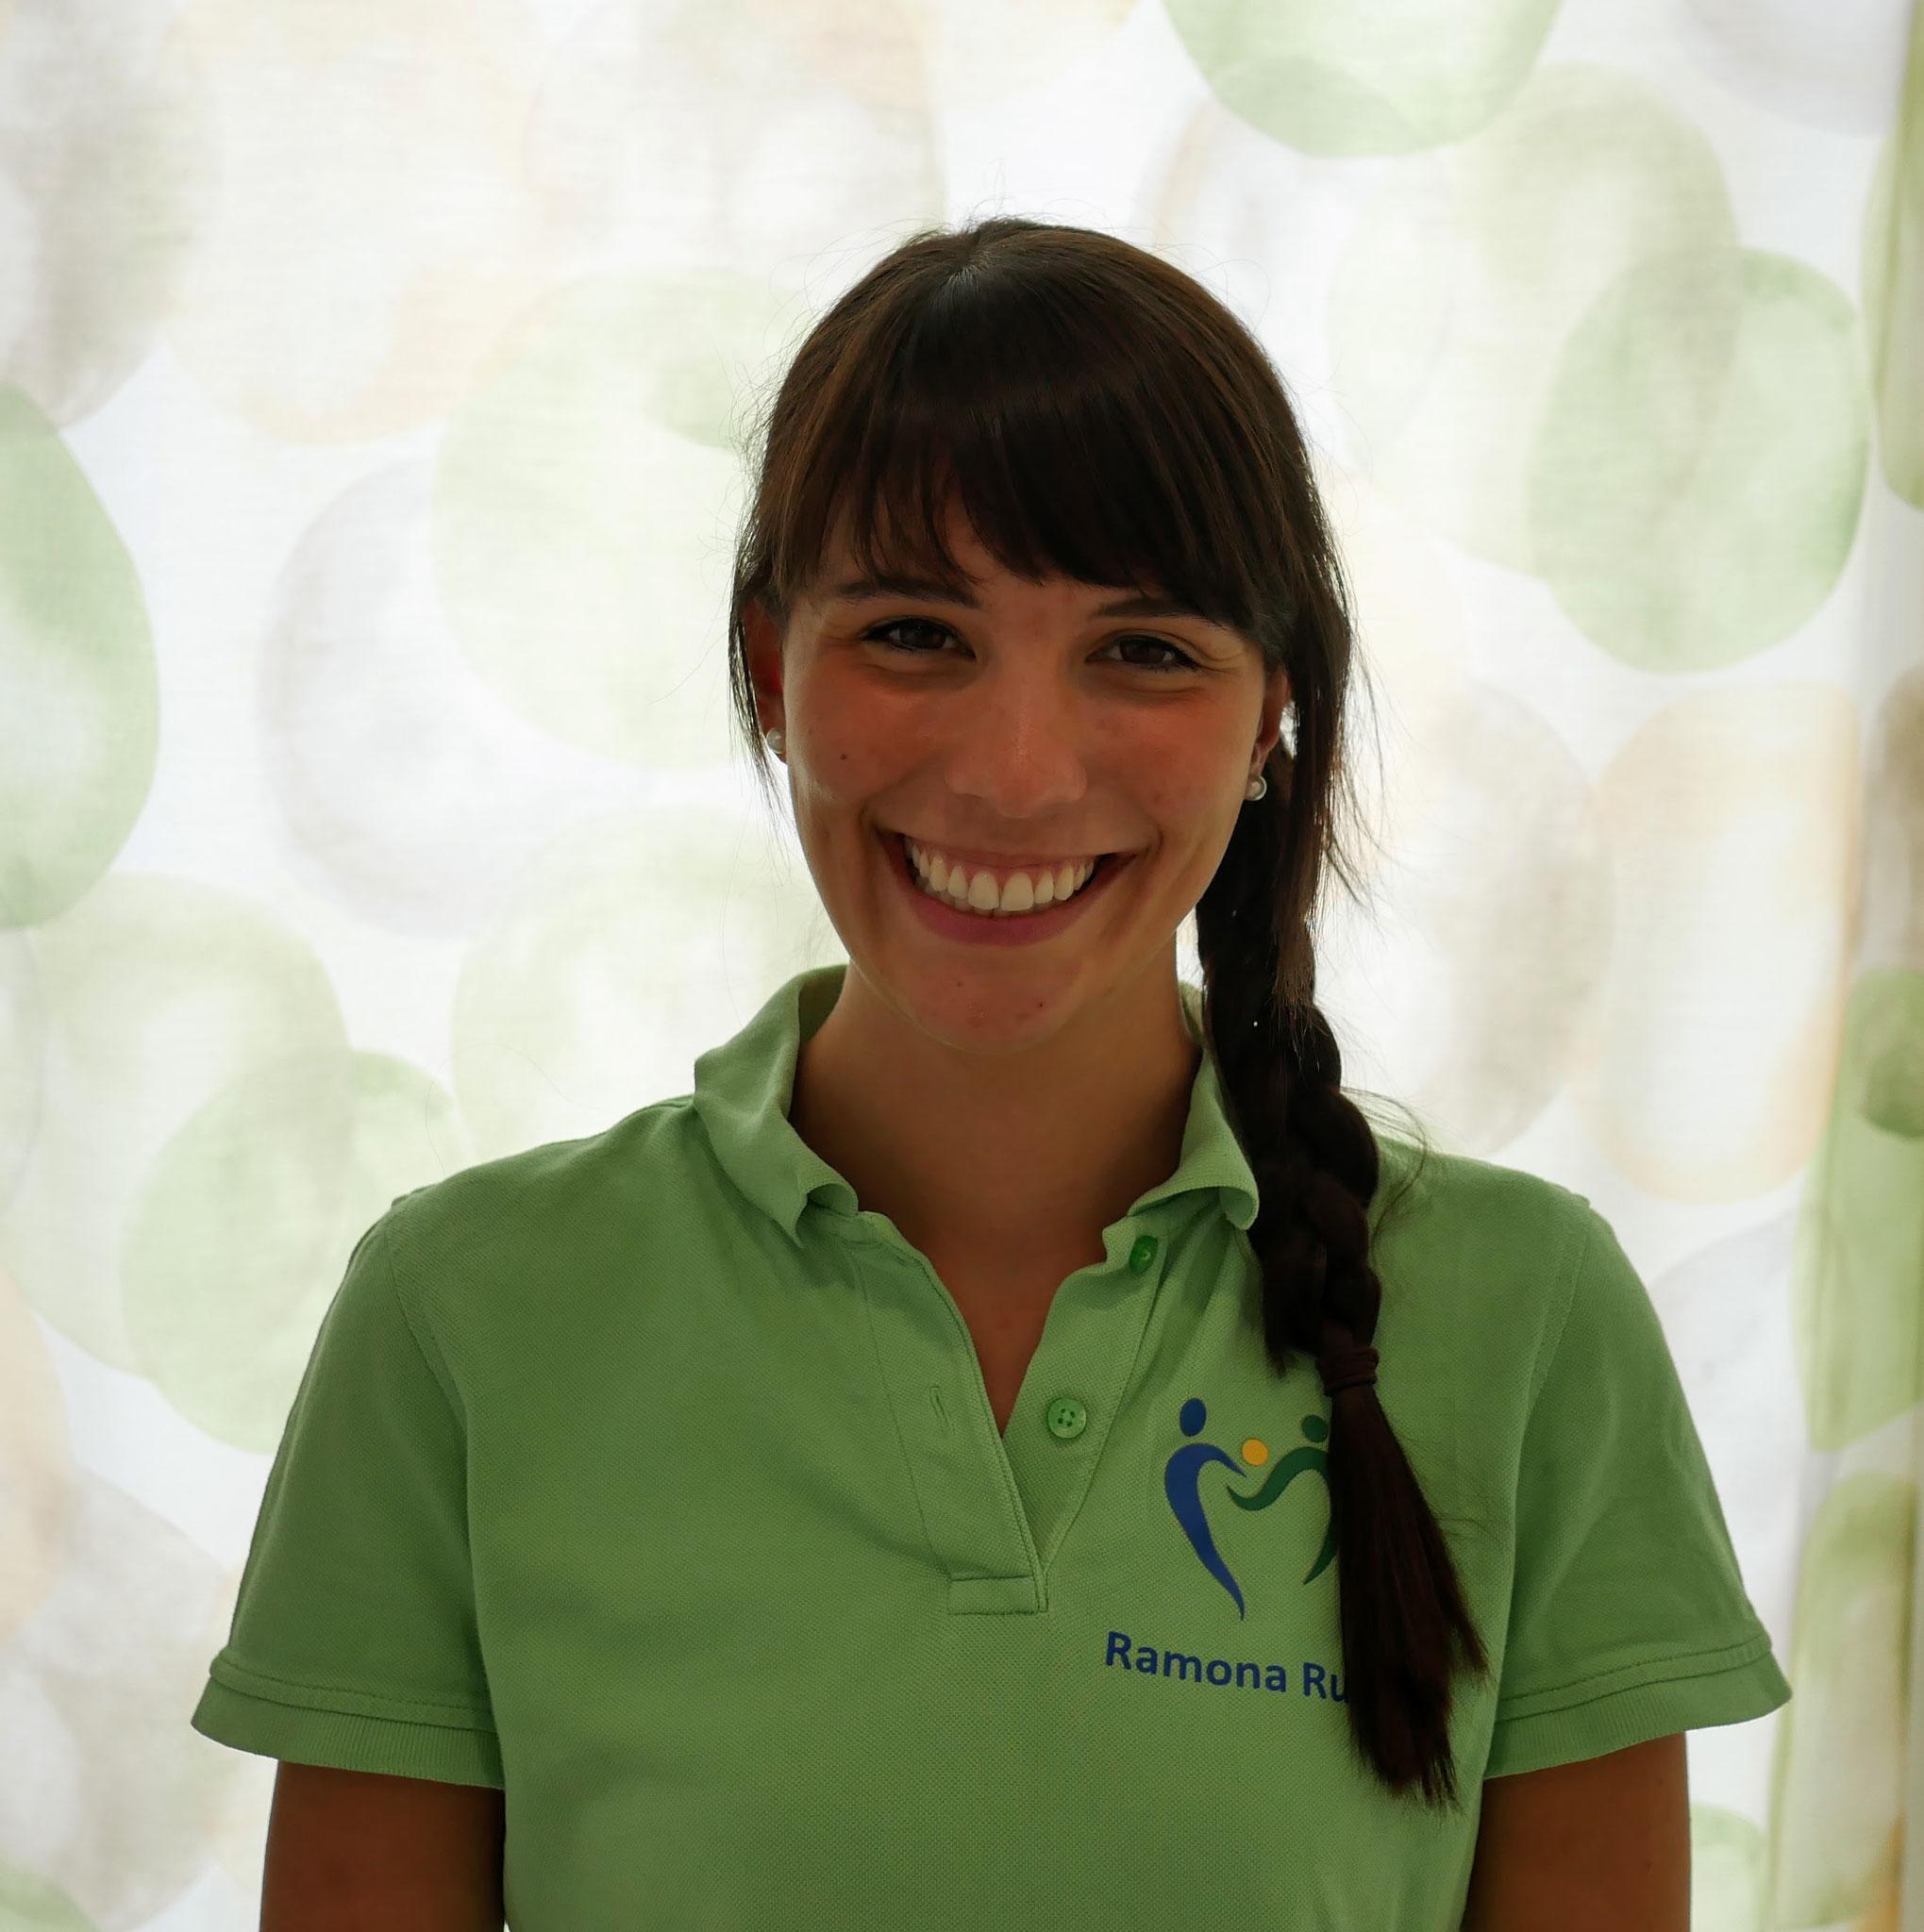 Ramona Russ - medizinische Fachangestellte, Impfassistentin